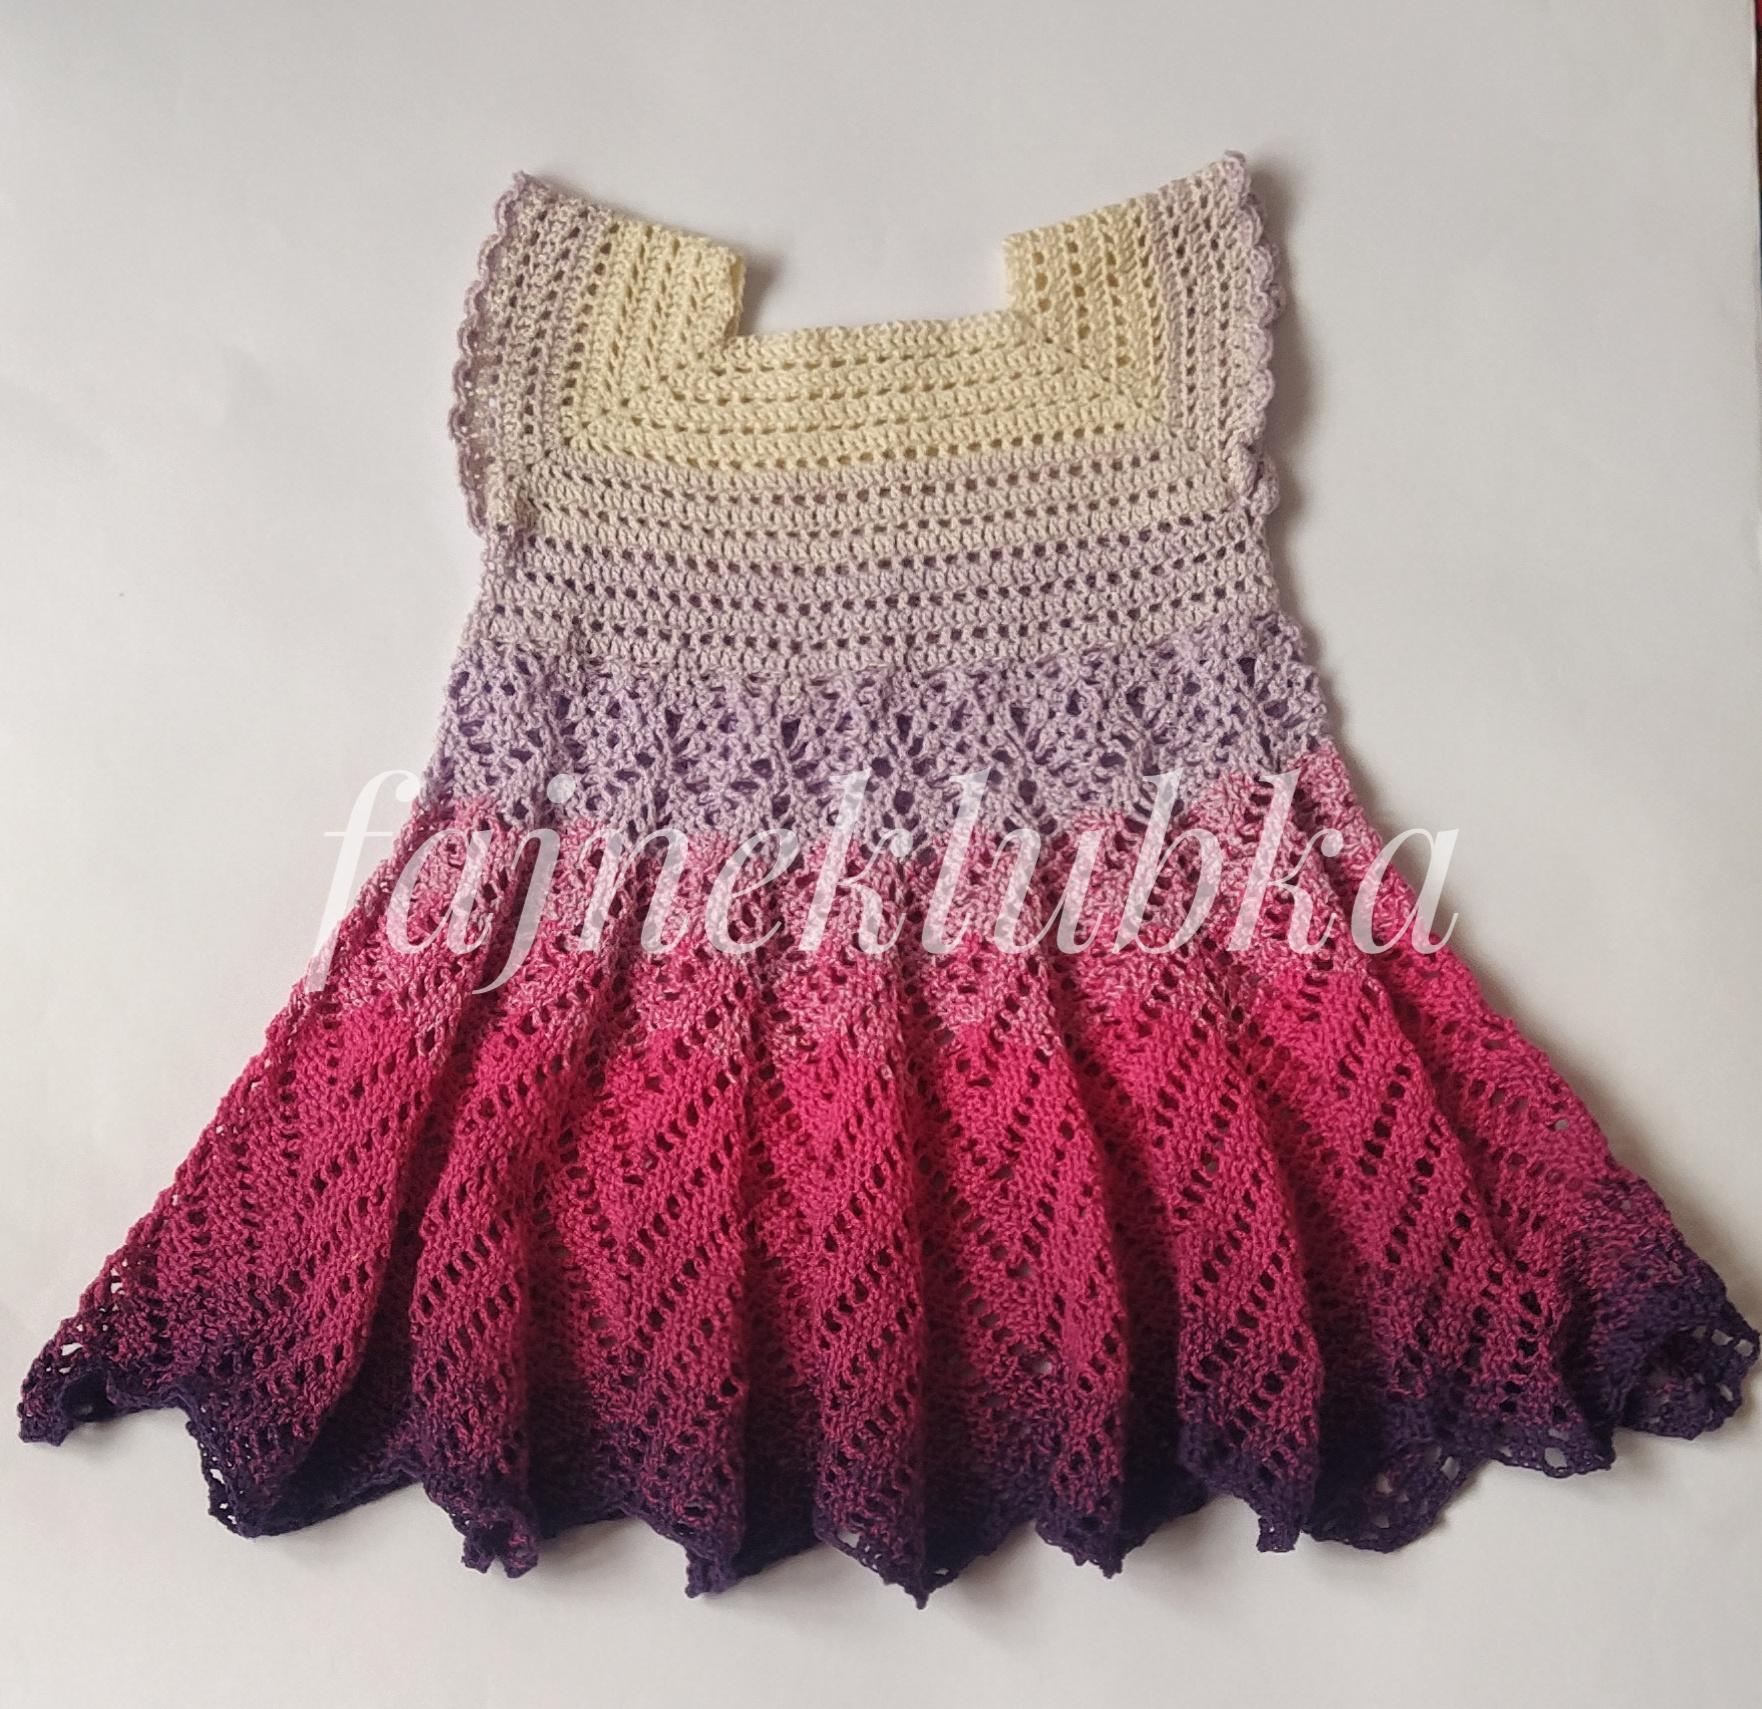 Háčkované šaty z barevného klubíčka